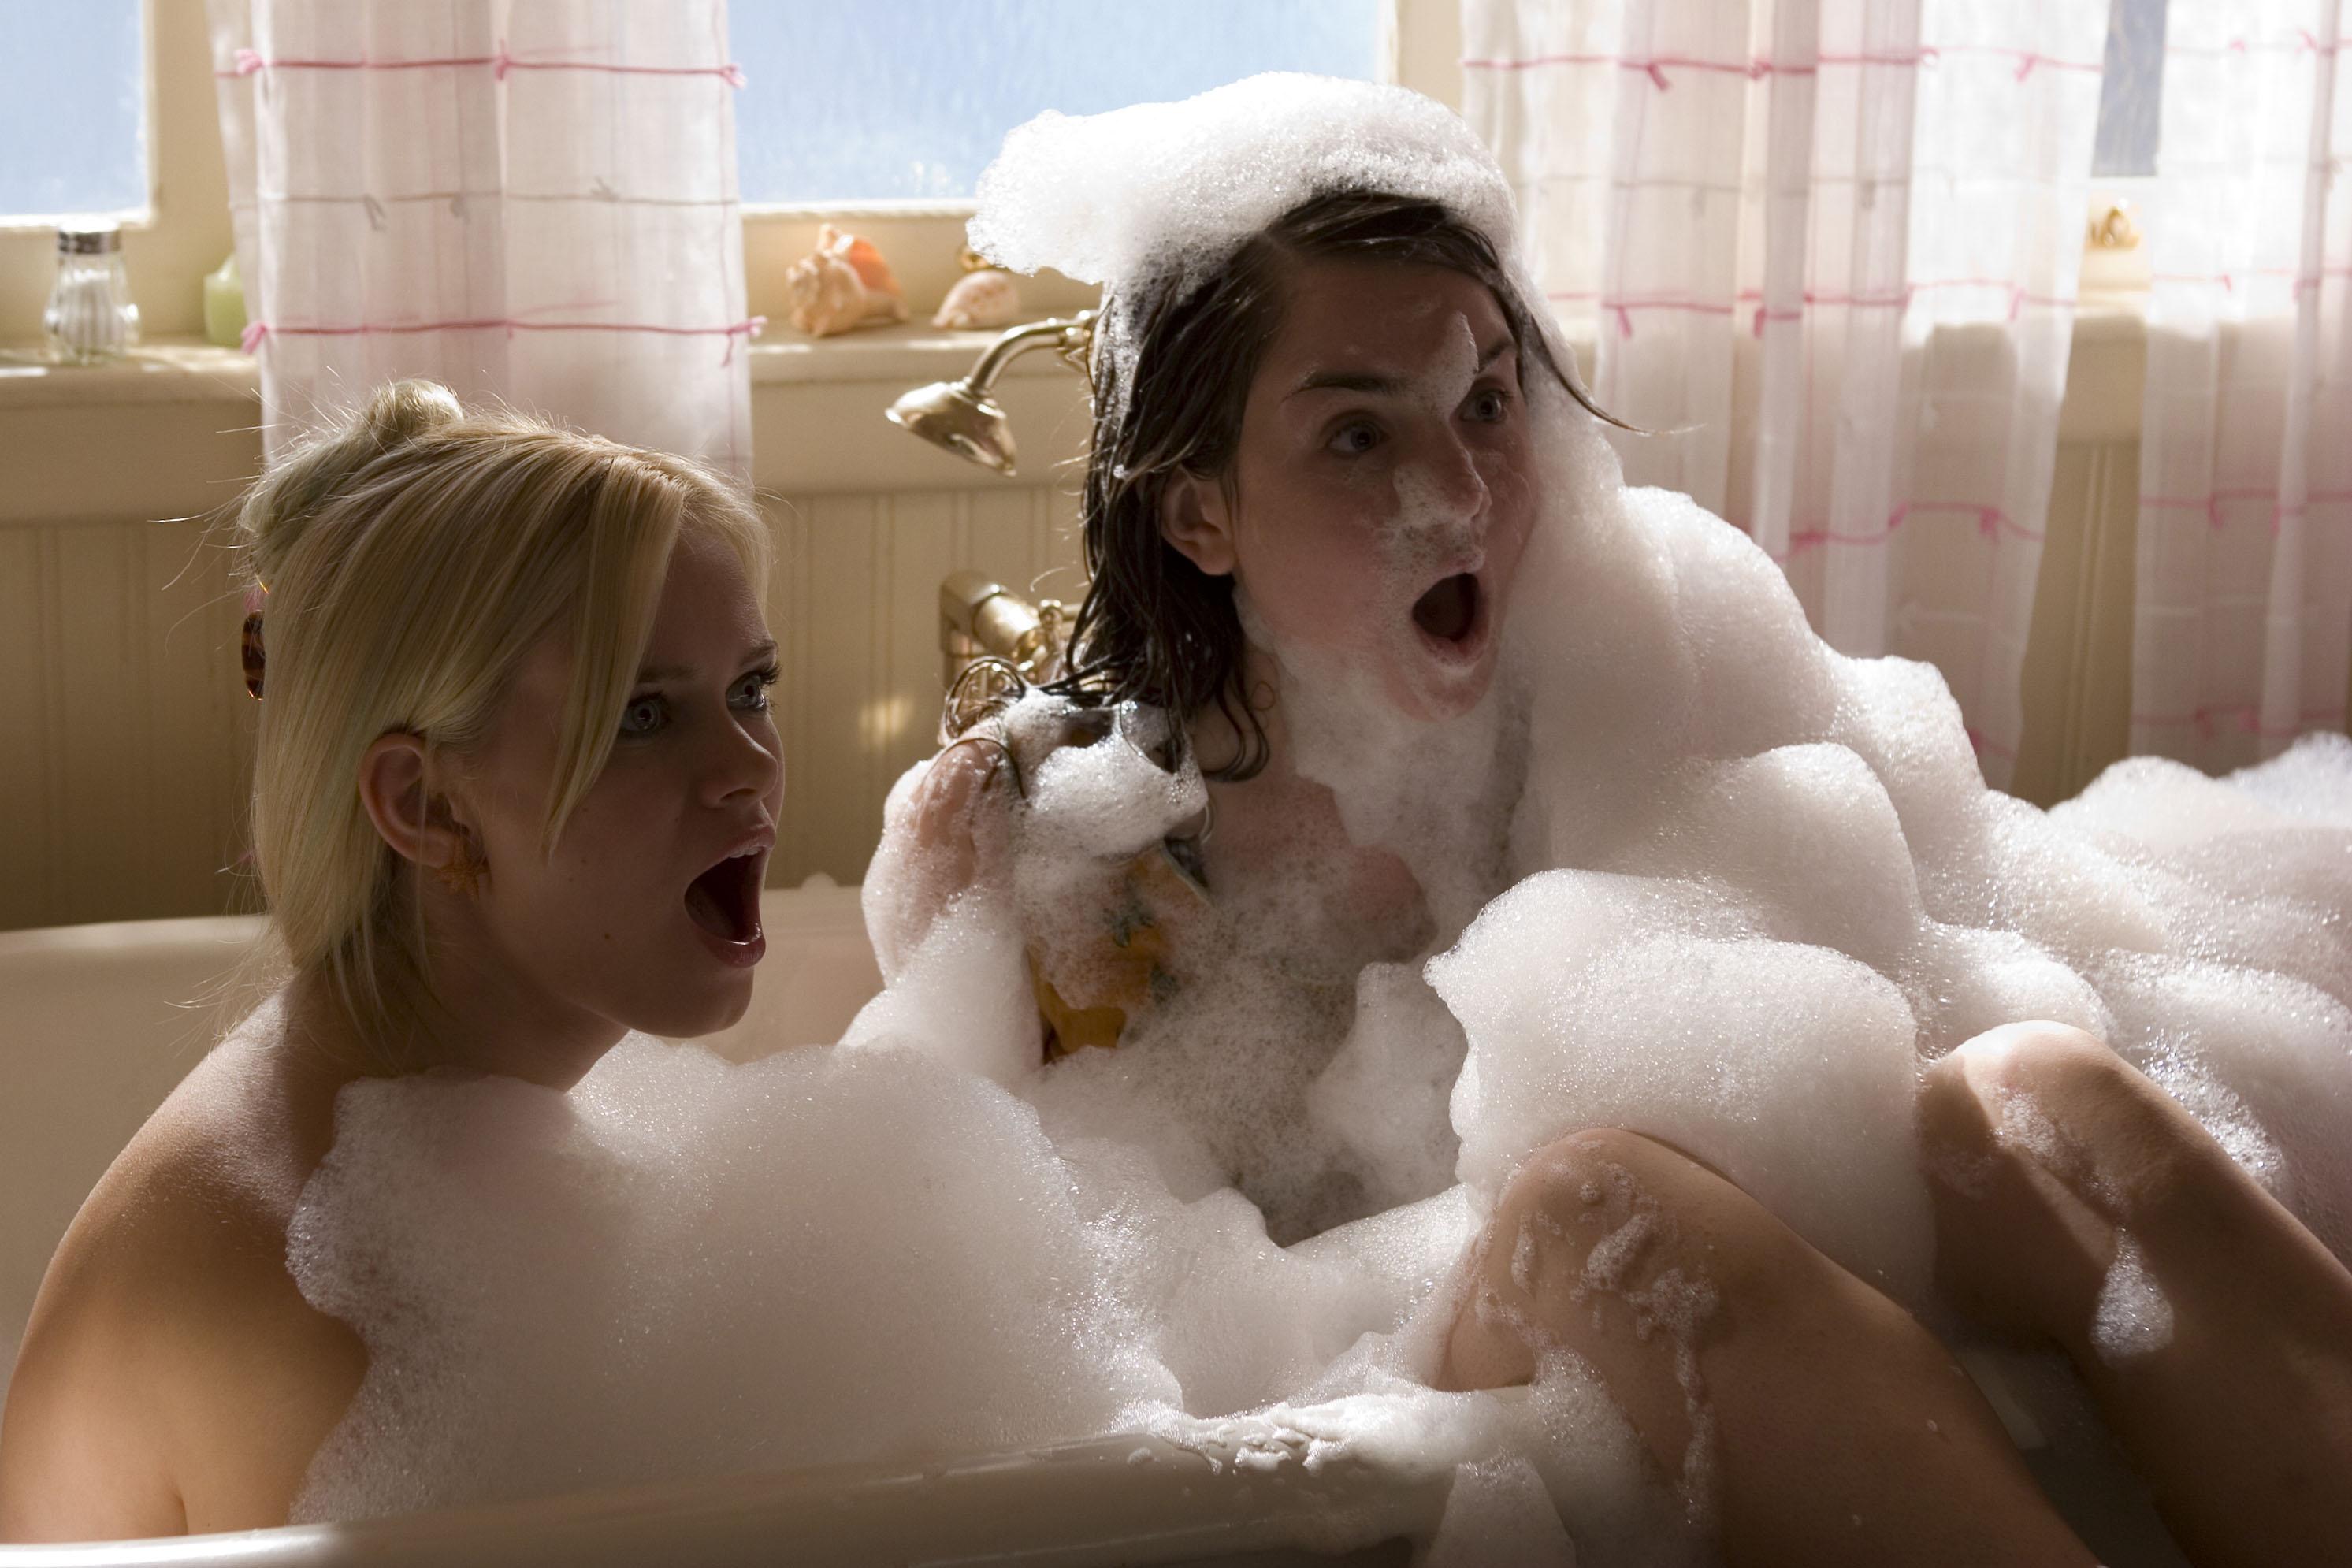 Сладенькая брюнетка моется в ванне одна  392523